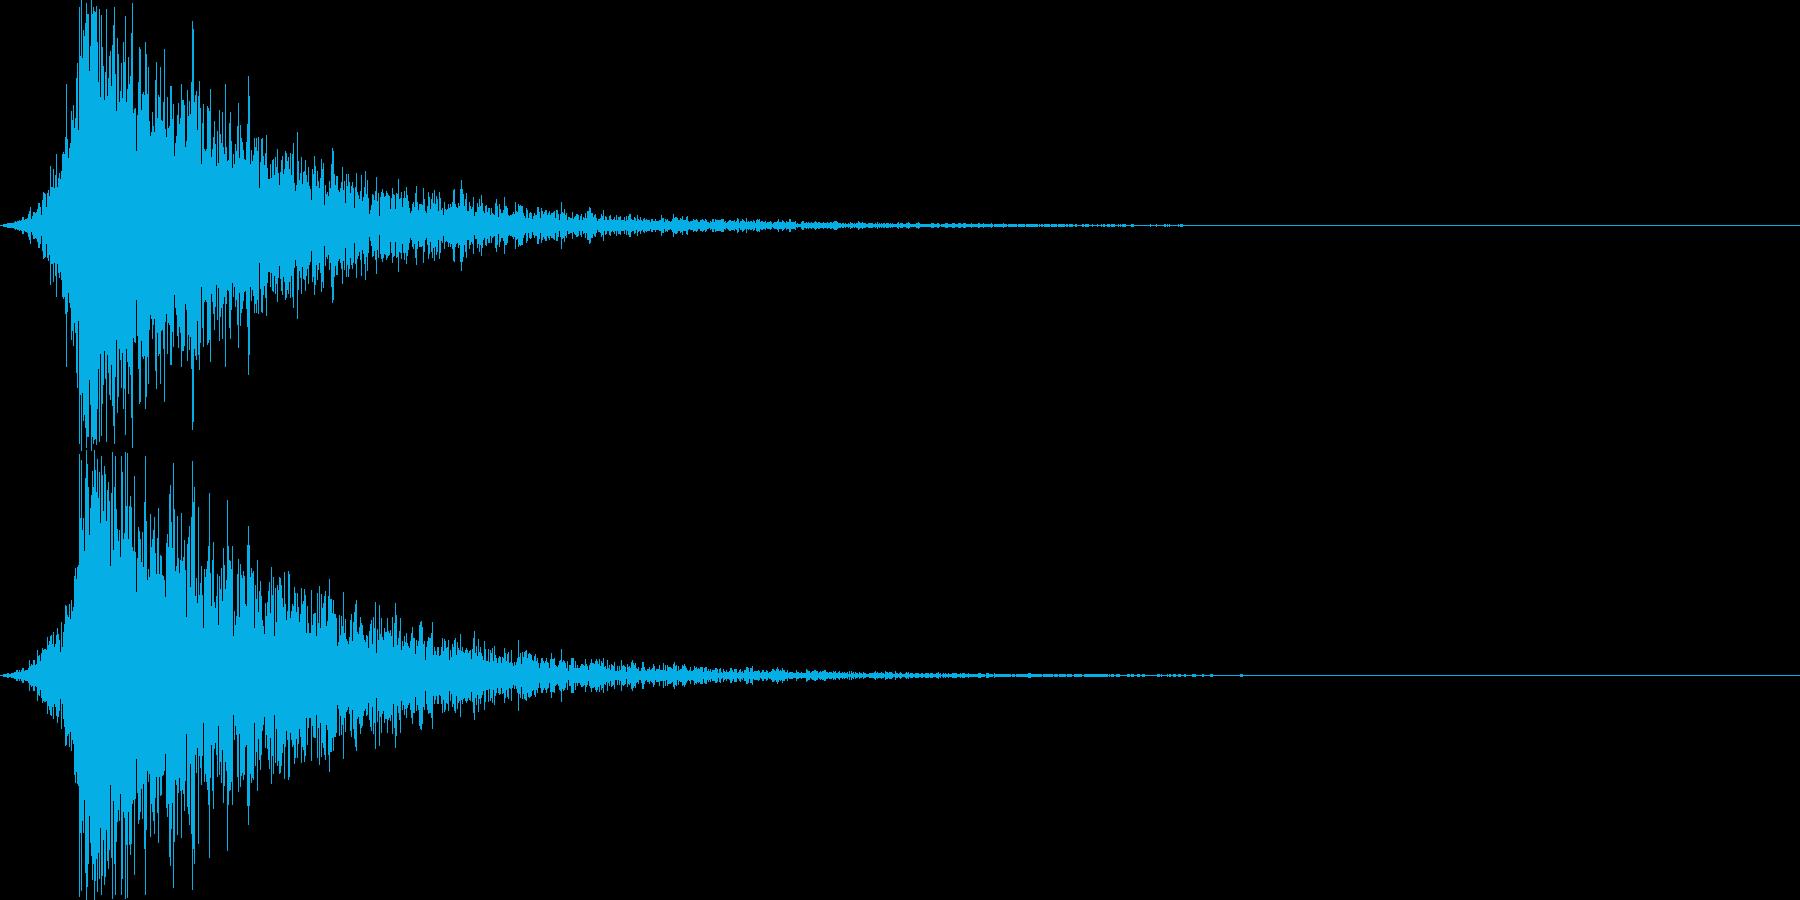 打撃音・爆発音・ヒット1-シュードーンッの再生済みの波形